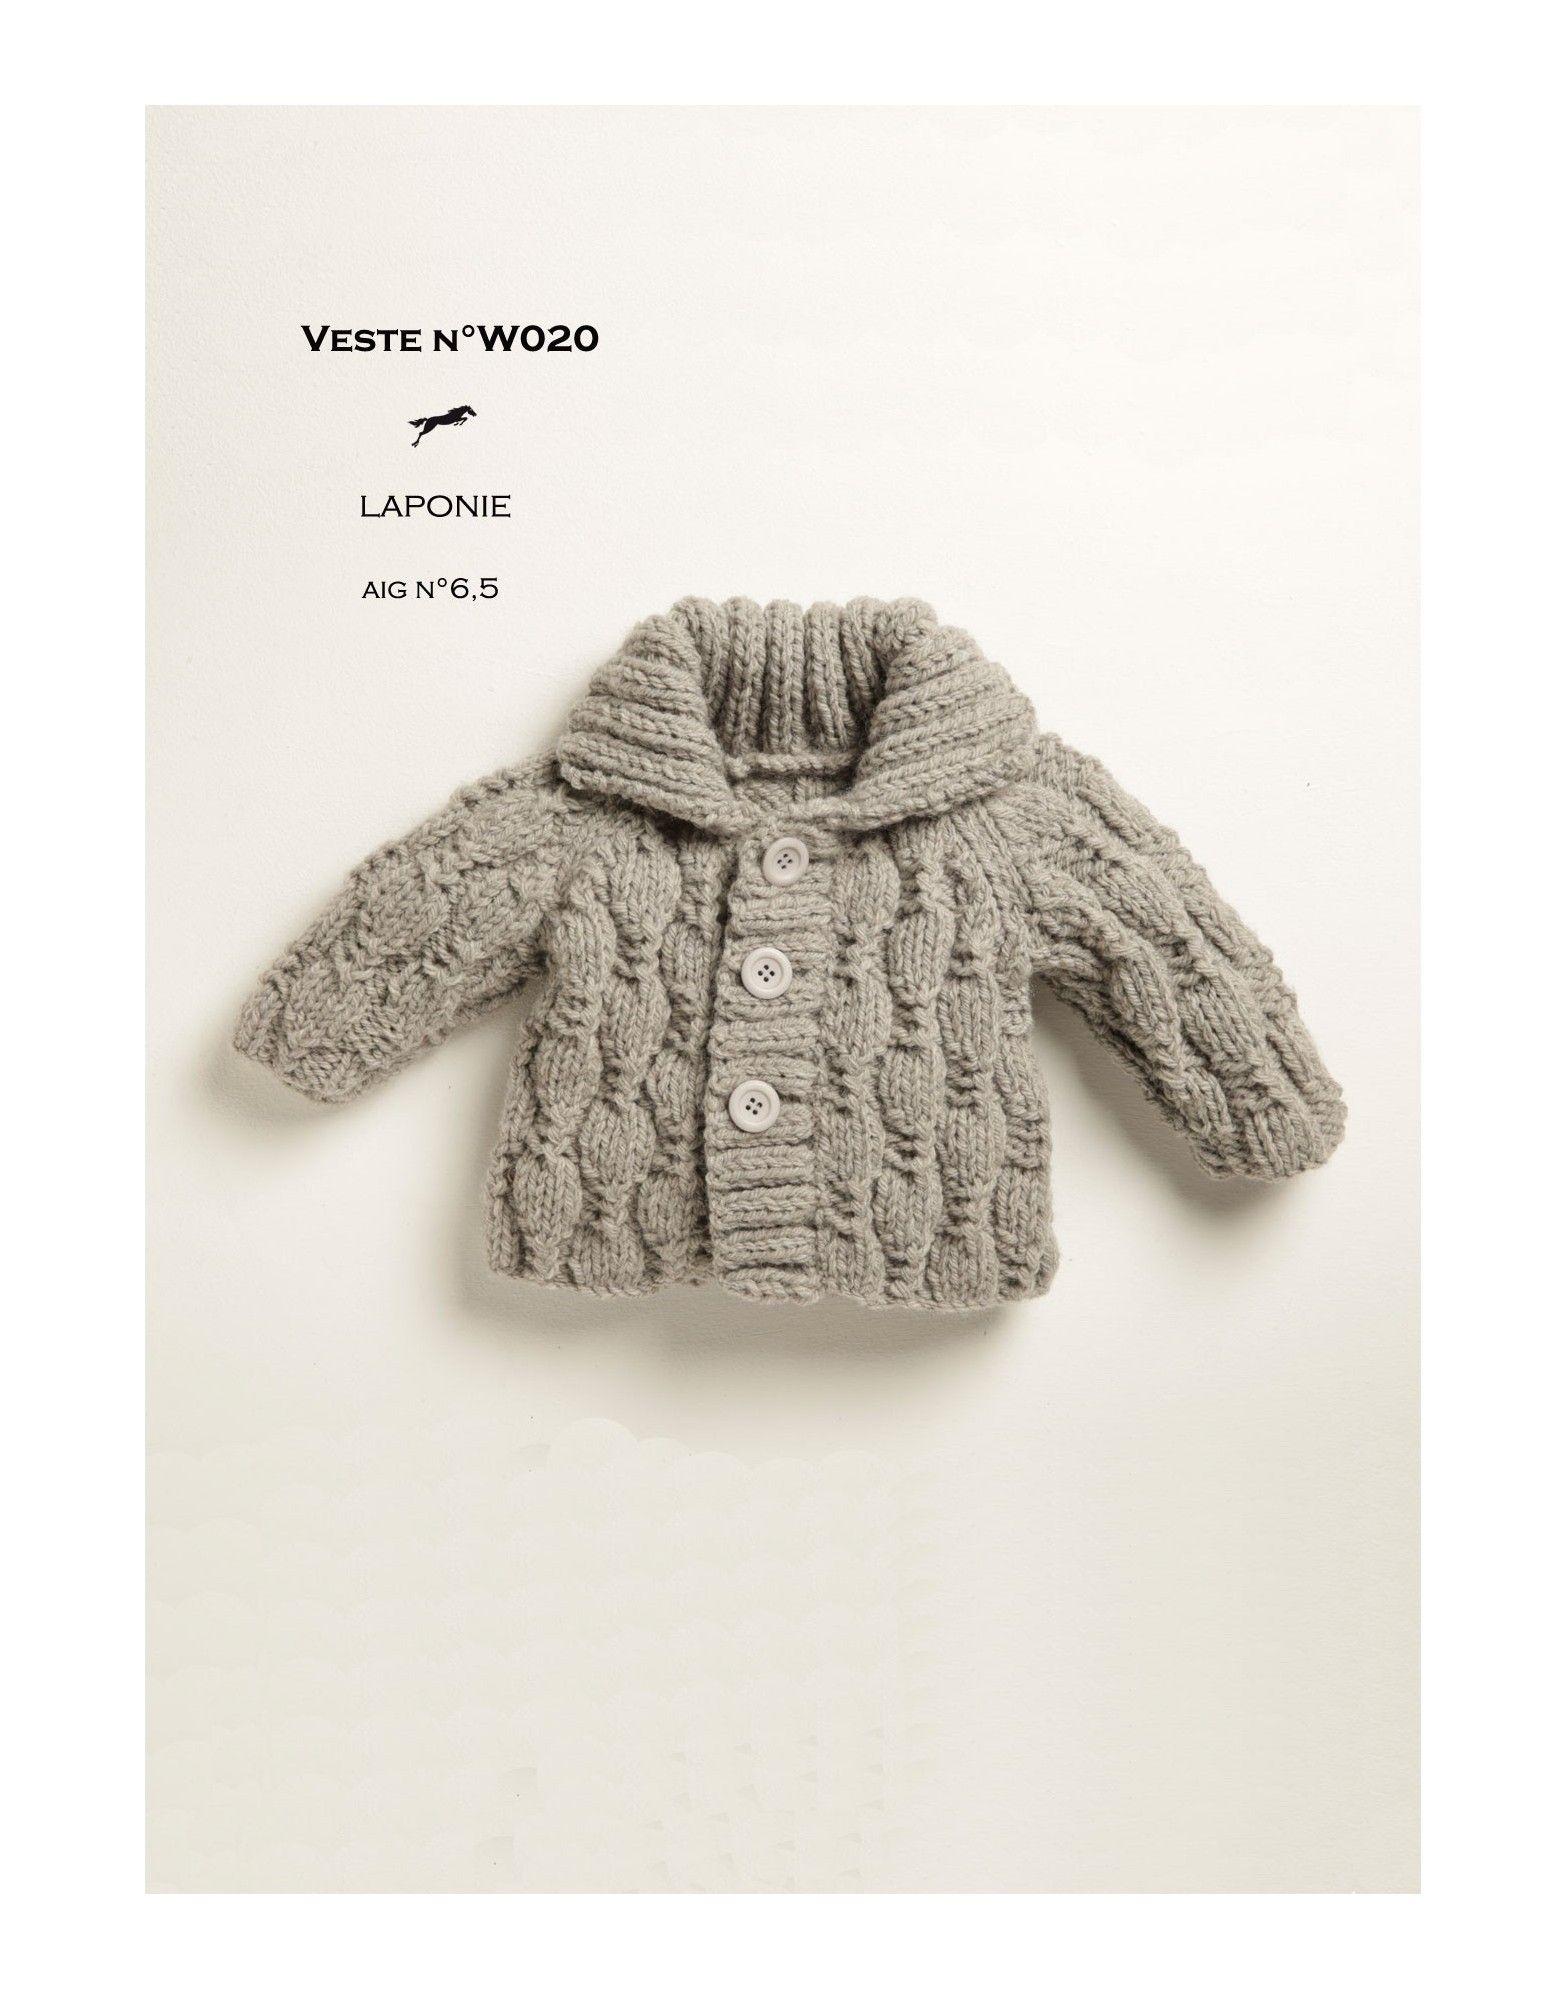 Modèle Veste W020 Cheval Blanc - Patron tricot gratuit | bebek ...